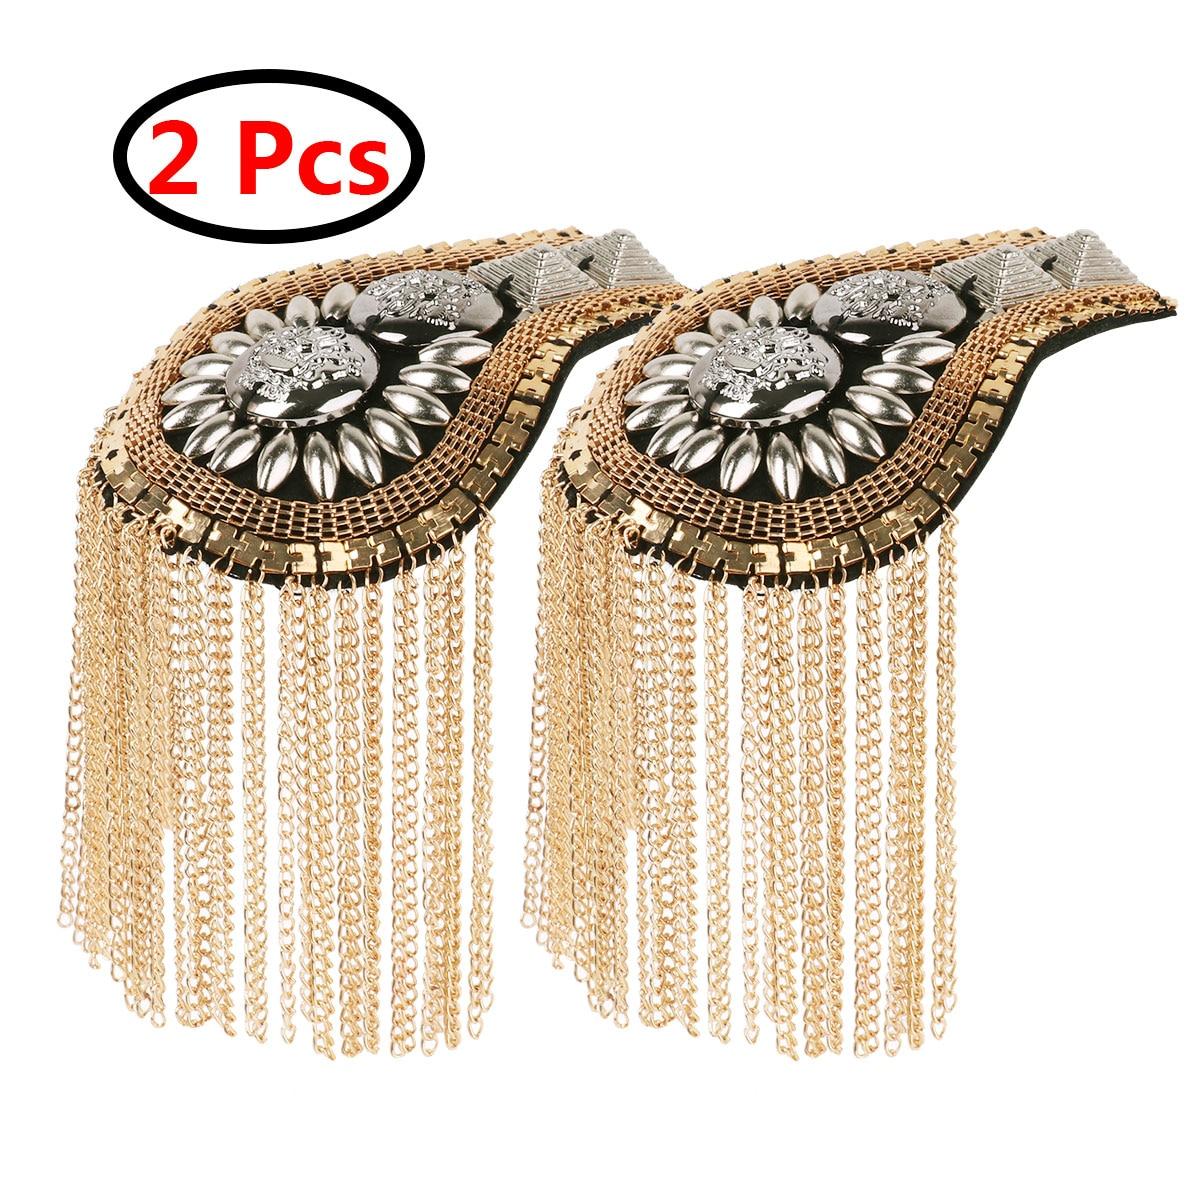 Gun 2 pcs Long Tassel Vintage Epaulet Handmade Chain Shoulder Brooch Unisex for Ceremony Performance